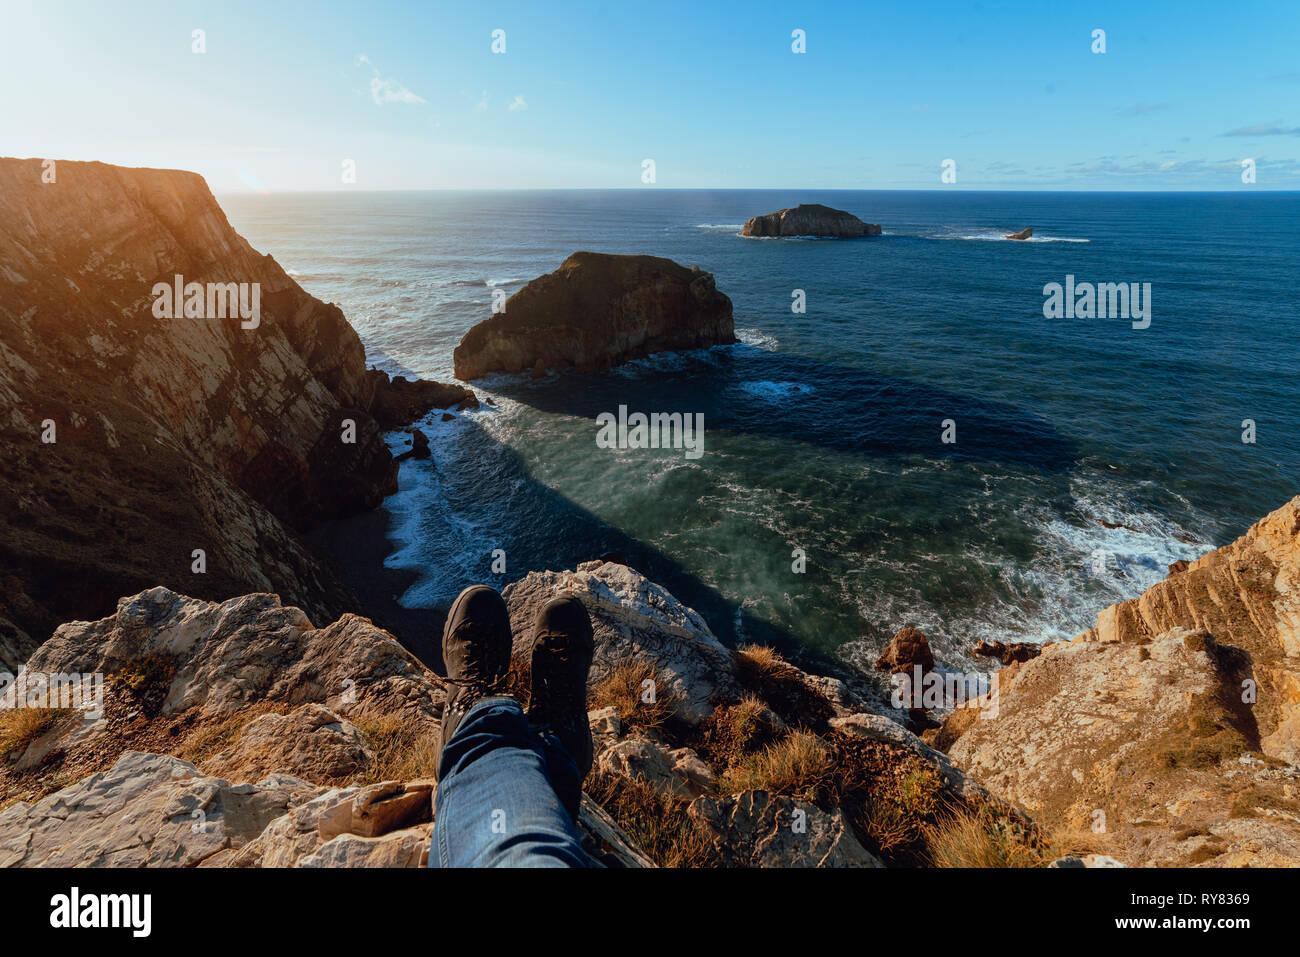 Erntegut Beine der menschlichen saß oben auf der Stone Hill in der Nähe von malerischen Meer in sonniger Tag im Cabo de Penas, Asturien, Spanien Stockbild